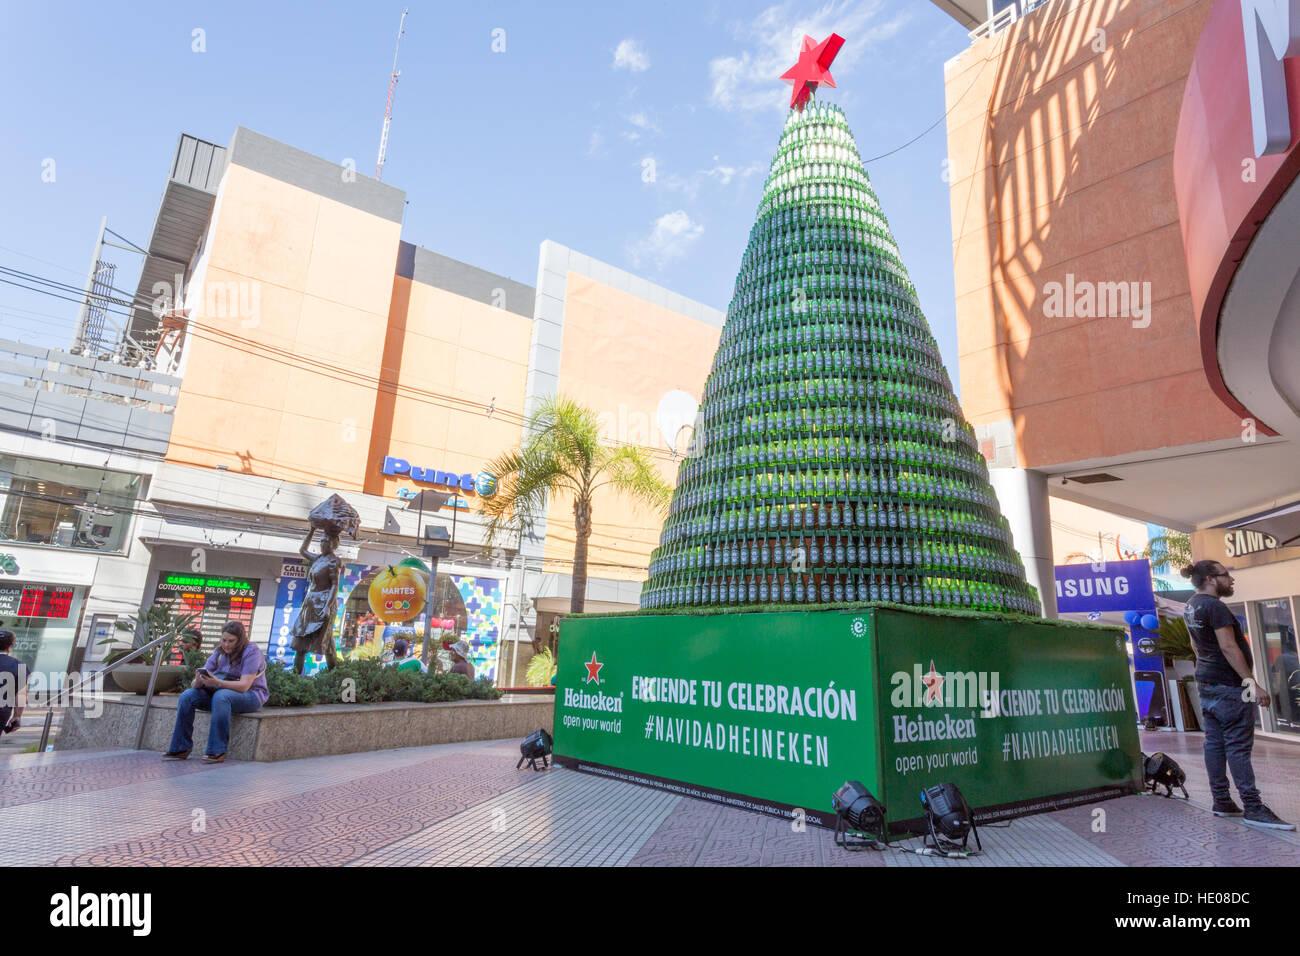 Albero Di Natale Heineken.Asuncion In Paraguay 16 Dicembre 2016 Un Albero Di Natale Fatto Di Bottiglie Di Birra E Visibile Durante Il Pomeriggio Di Sole Di Fronte Al Centro Commerciale Ad Asuncion In Paraguay C